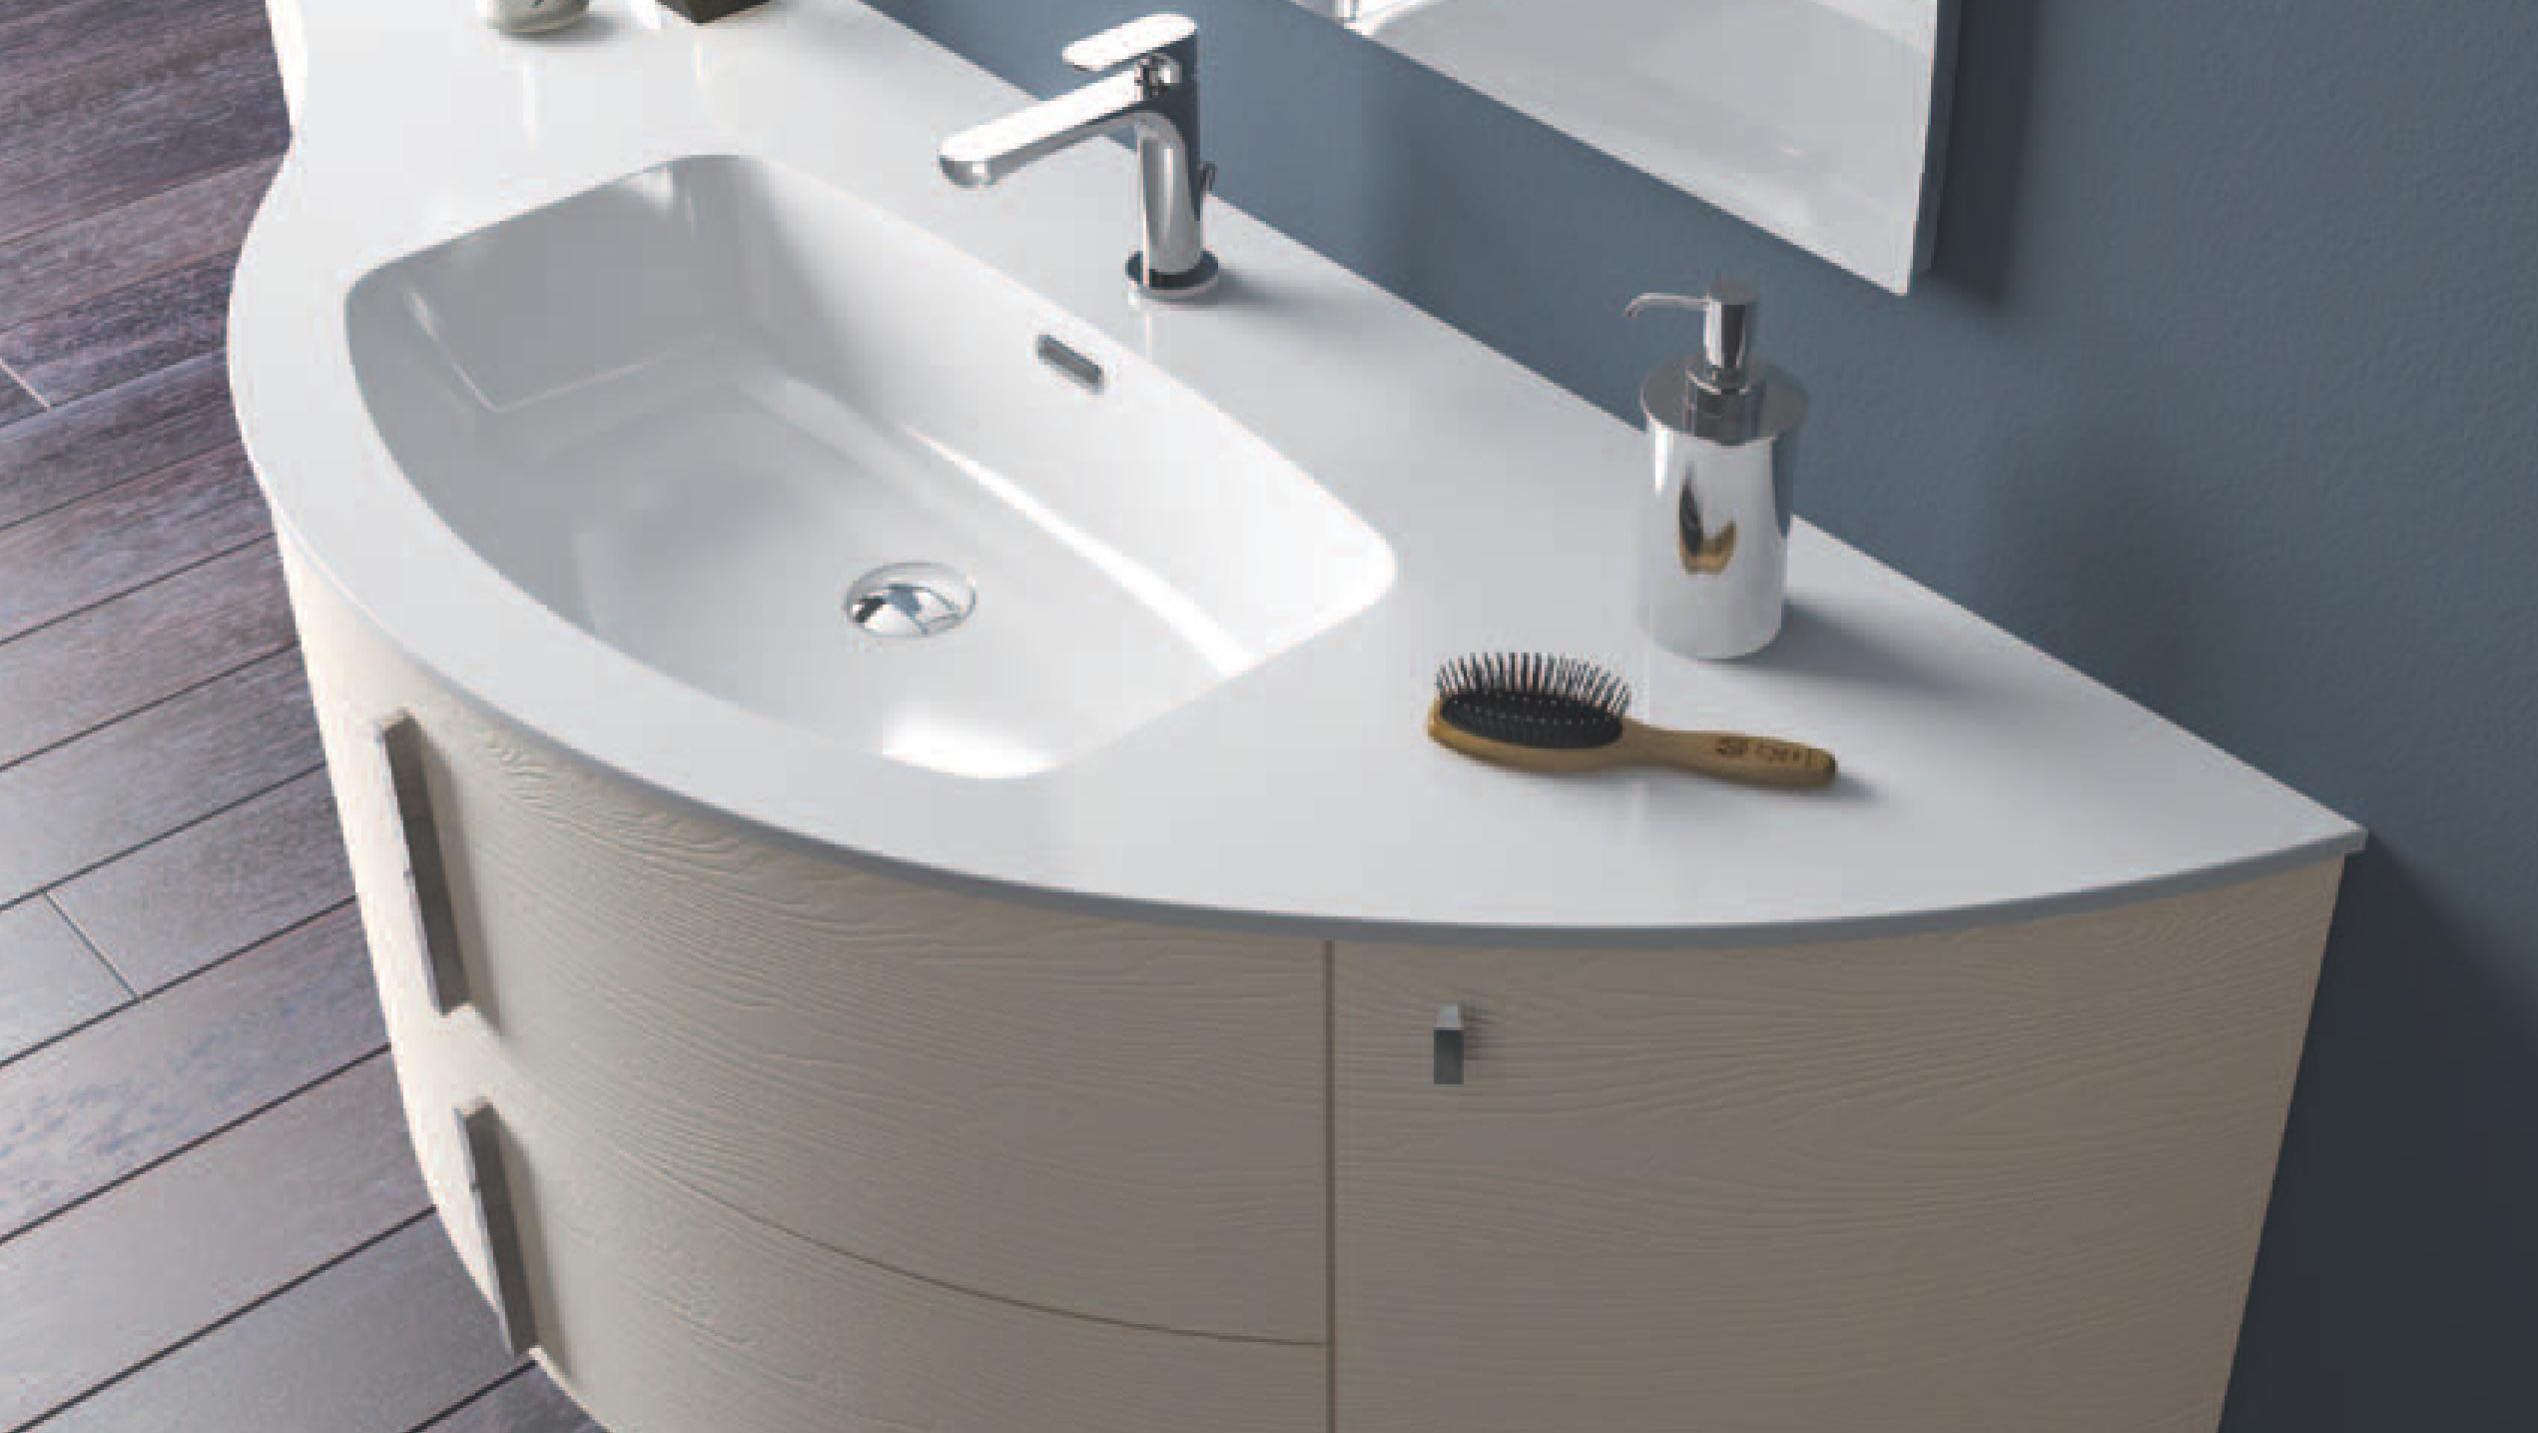 Awesome Mobili Bagno Azzurra Pictures - Idee Arredamento Casa ...